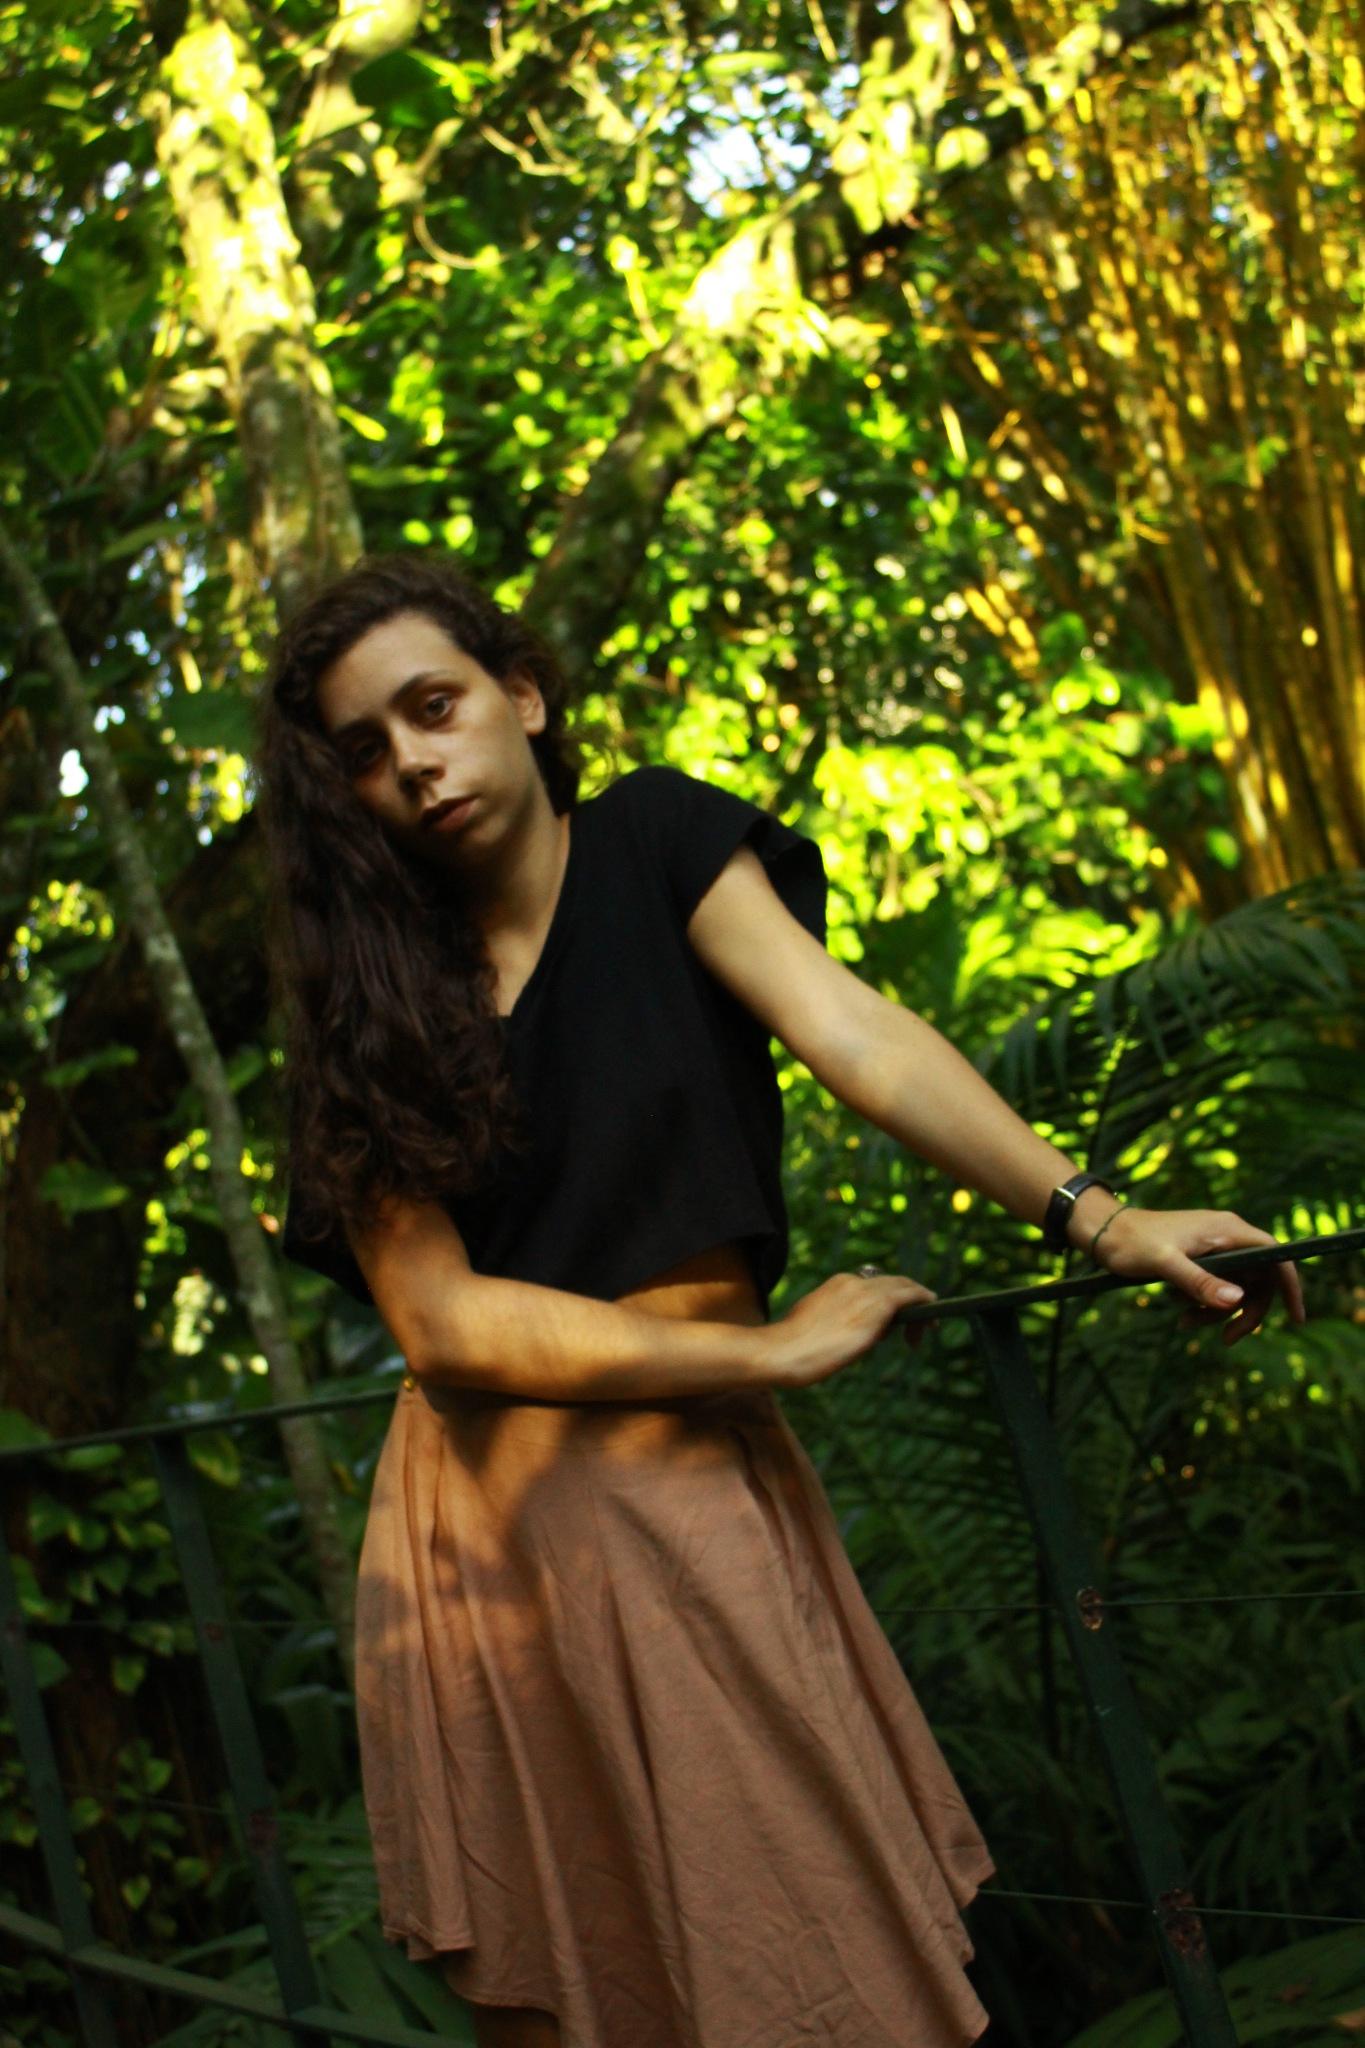 bru by Livia L Barbosa